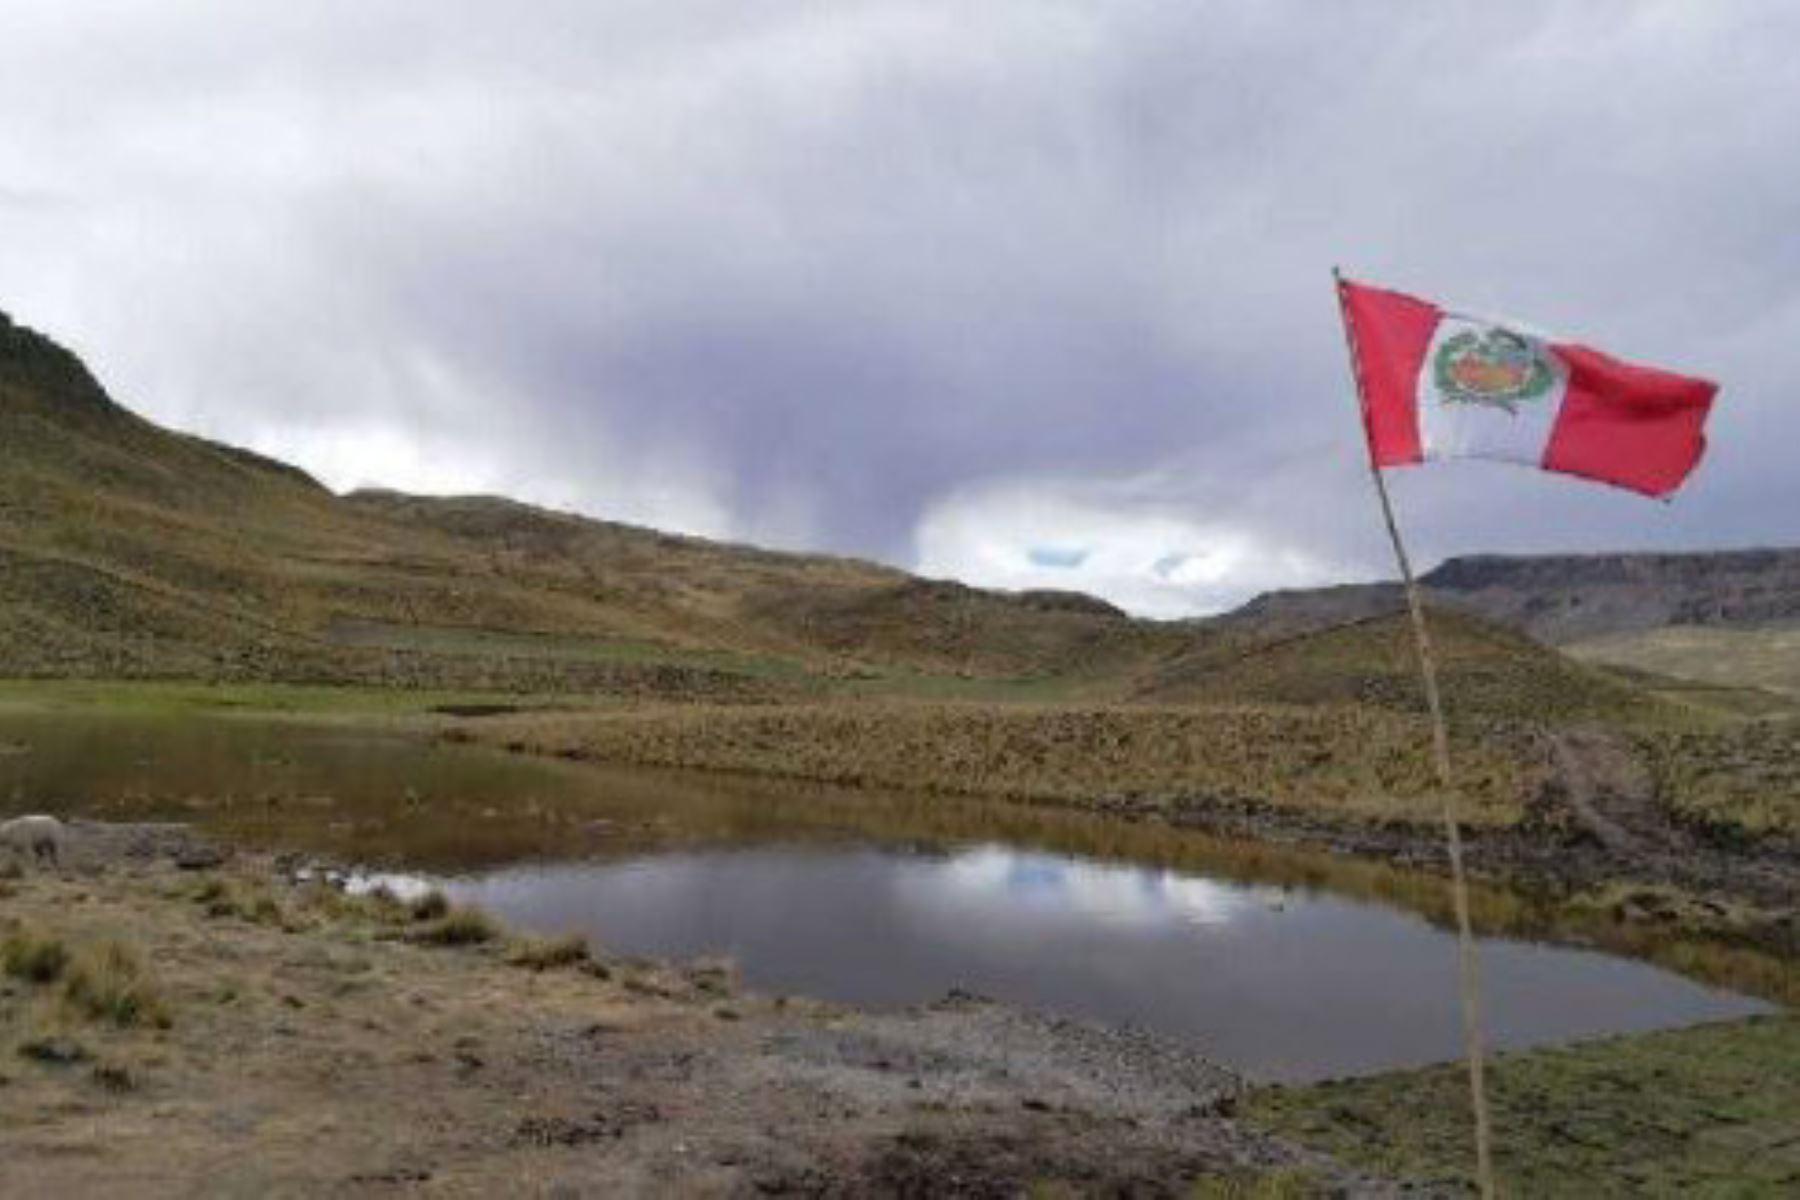 Minagri construirá 360 reservorios naturales en 14 regiones este año